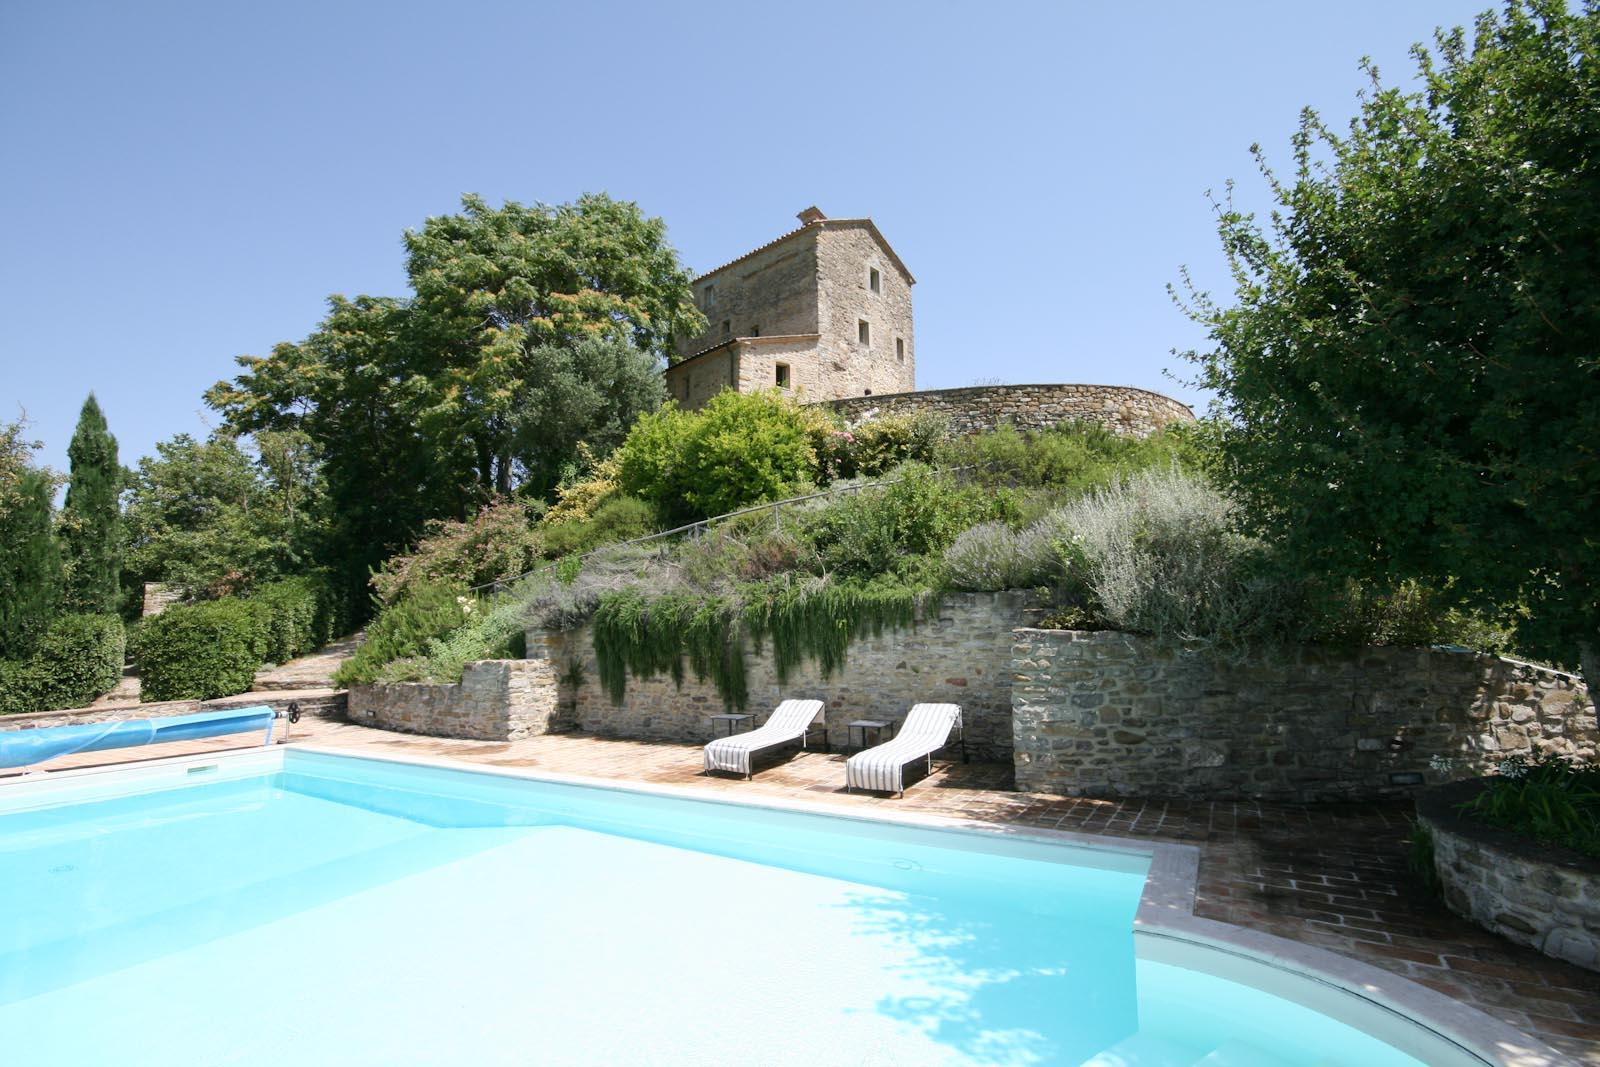 La torre d'avvistamento in vendita con piscina in Umbria